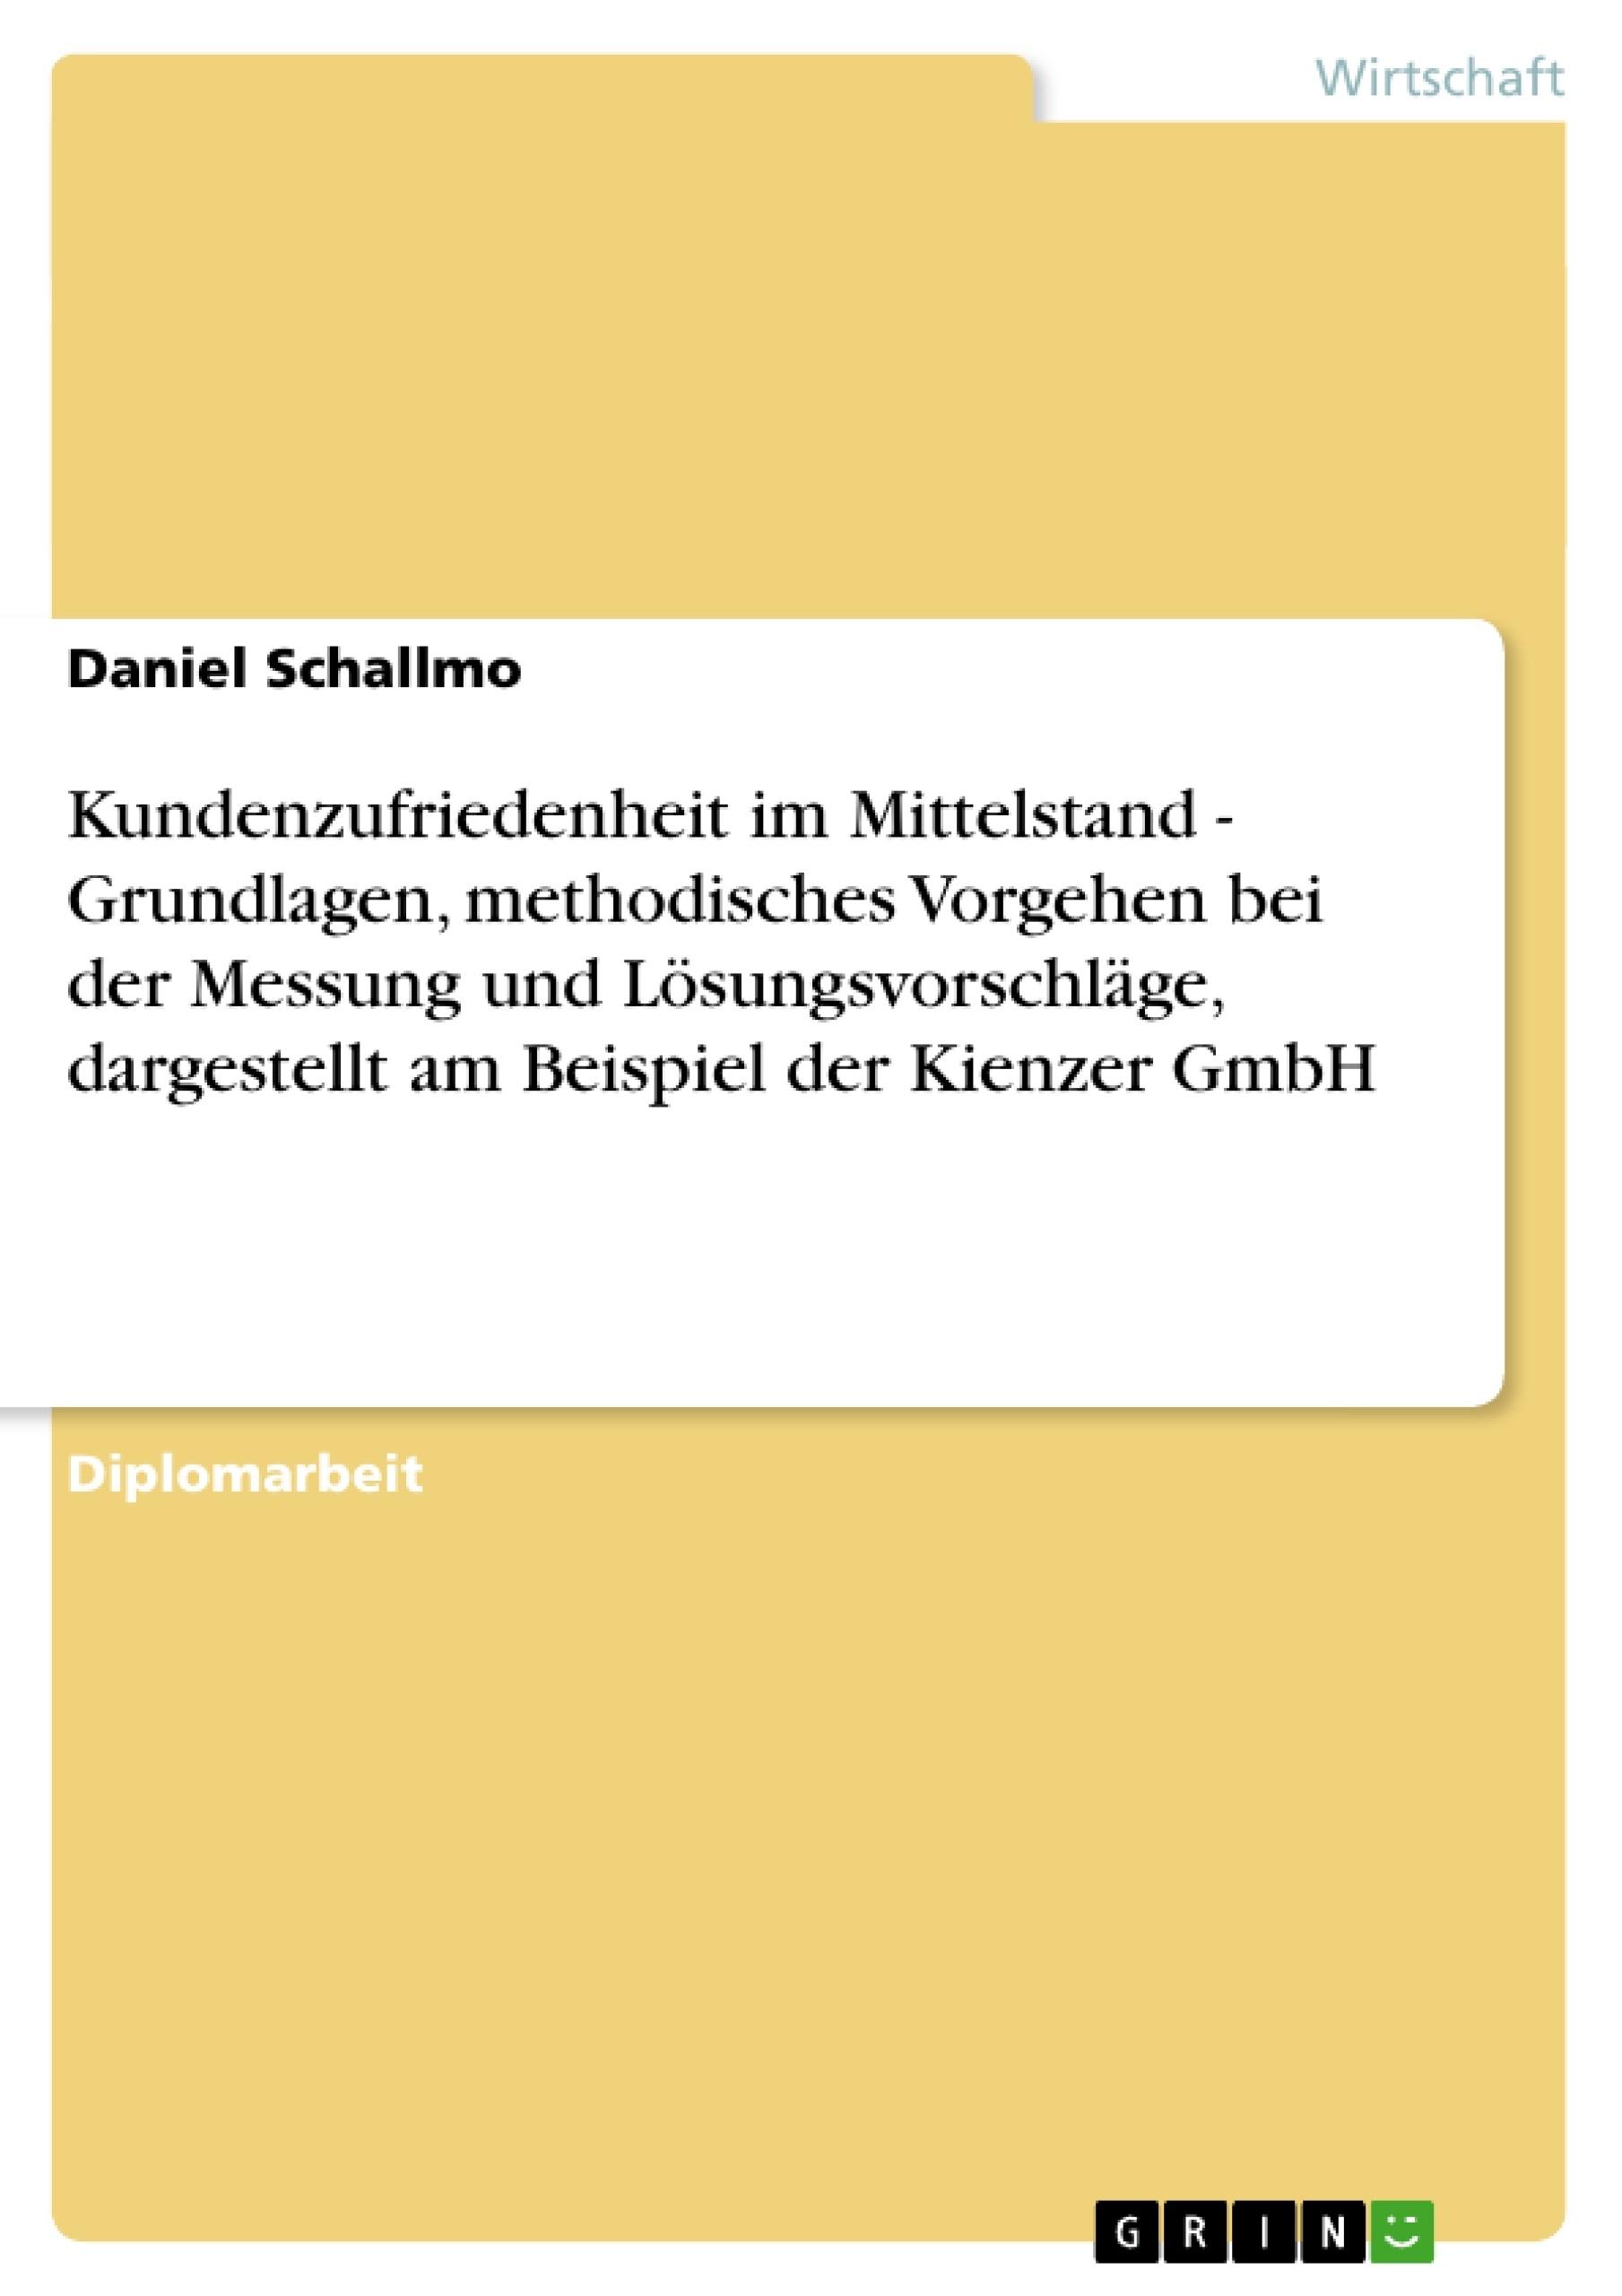 Titel: Kundenzufriedenheit im Mittelstand. Die Kienzer GmbH